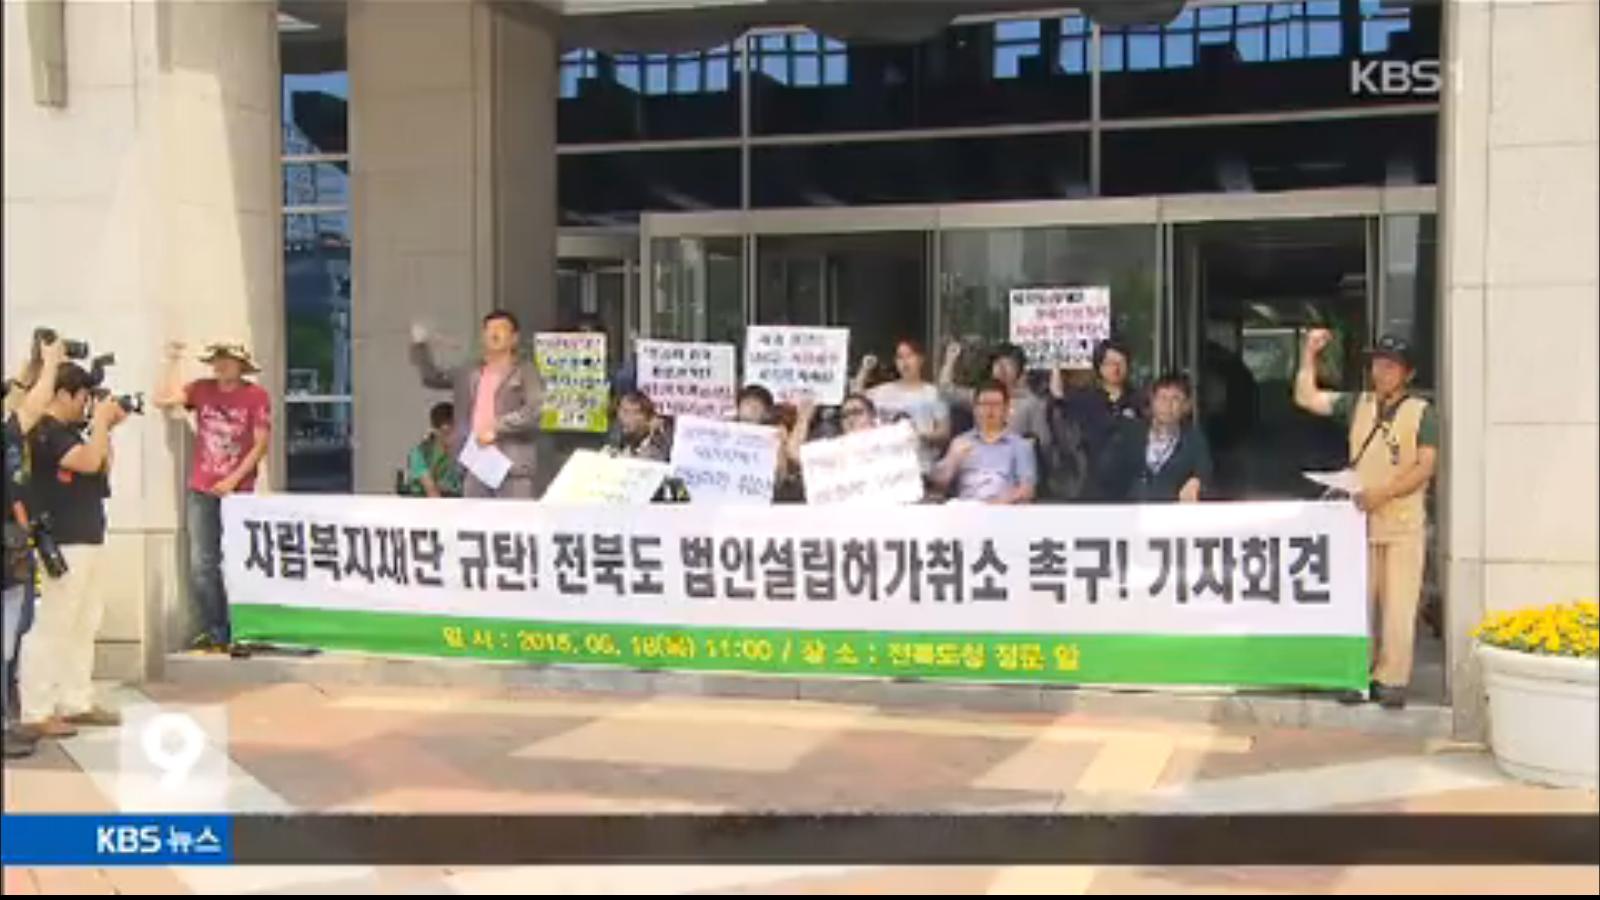 [15.6.18 KBS전주] 전주자림복재재단, 법인설립 허가 취소해야2.png